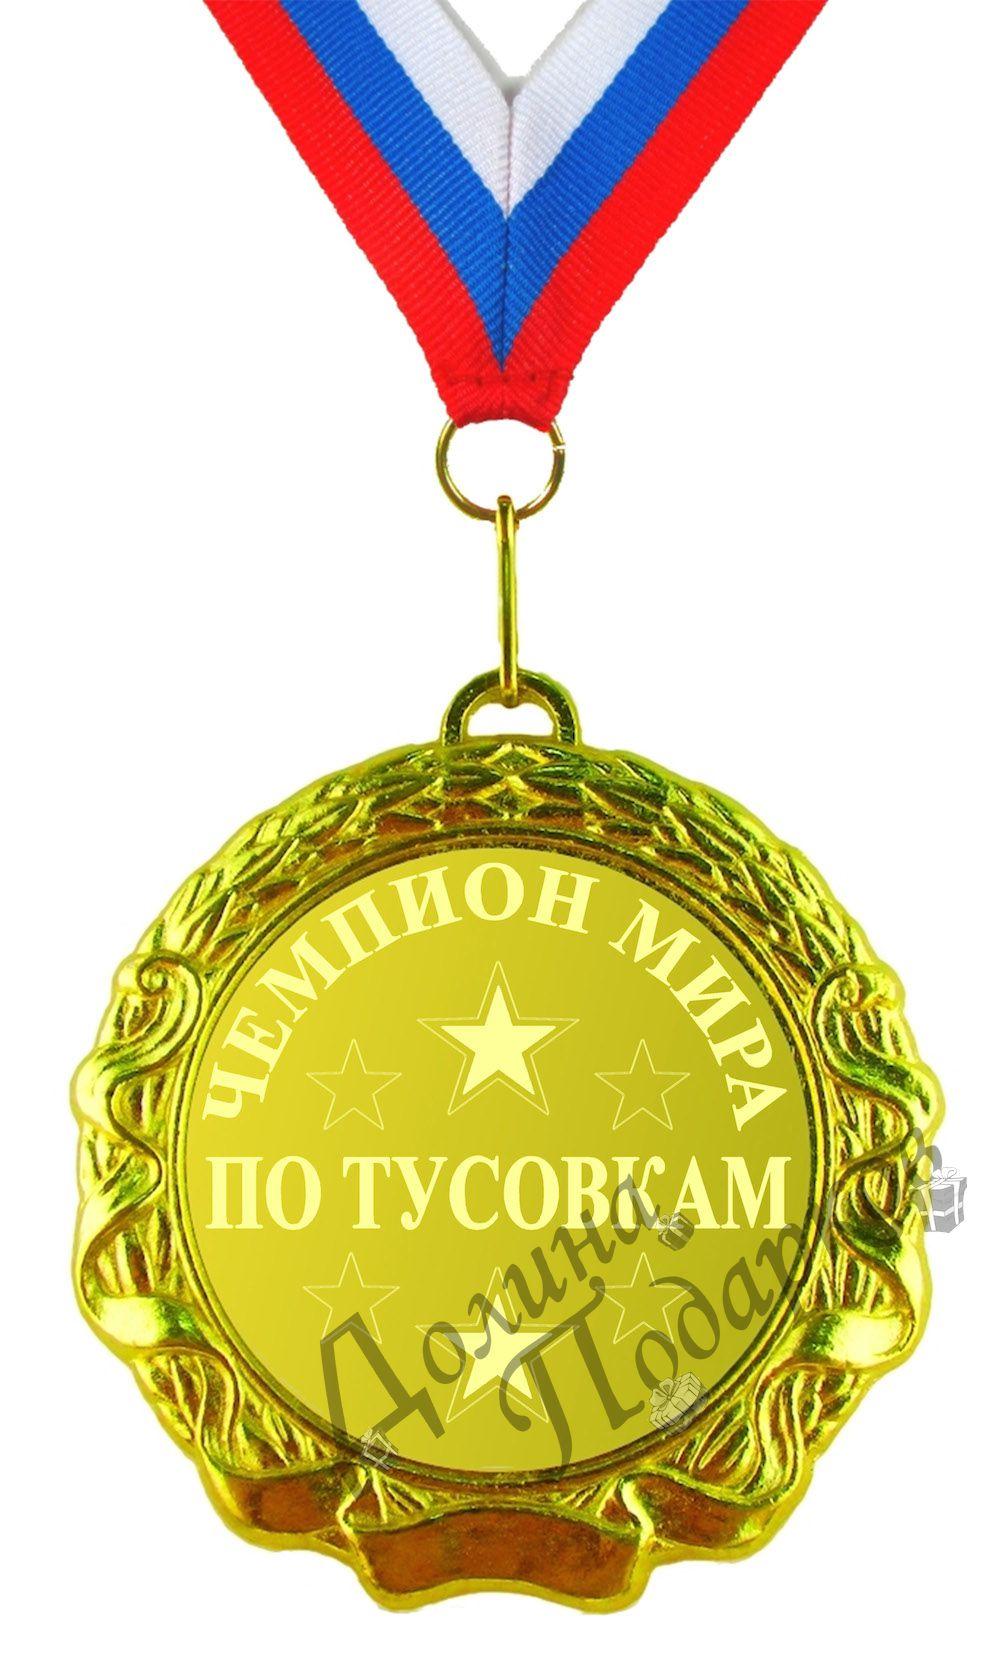 Купить Медаль *Чемпион мира по тусовкам* в интернет-магазине подарков. Огромный выбор необычных подарков и сувениров широкого ценового диапазона!